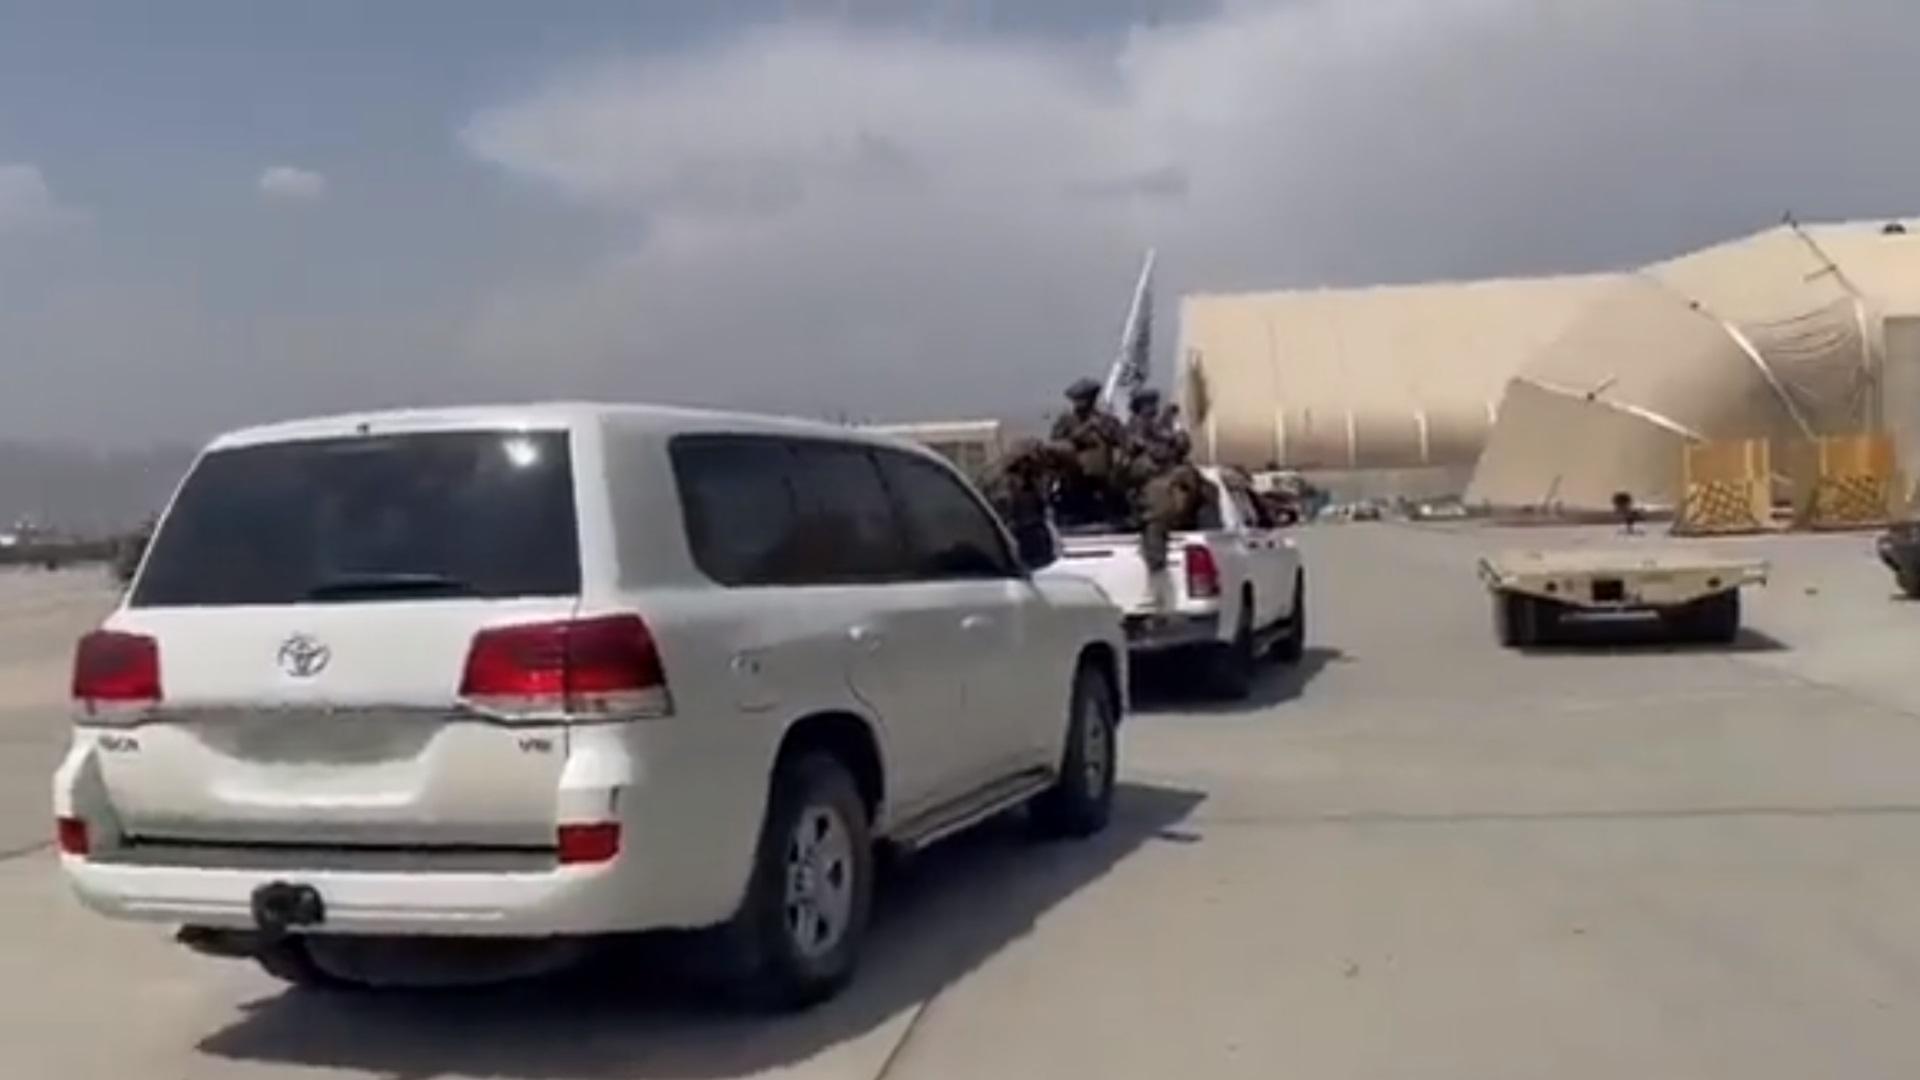 Αφγανιστάν: Ο γύρος του θριάμβου στο αεροδρόμιο της Καμπούλ από τους Ταλιμπάν